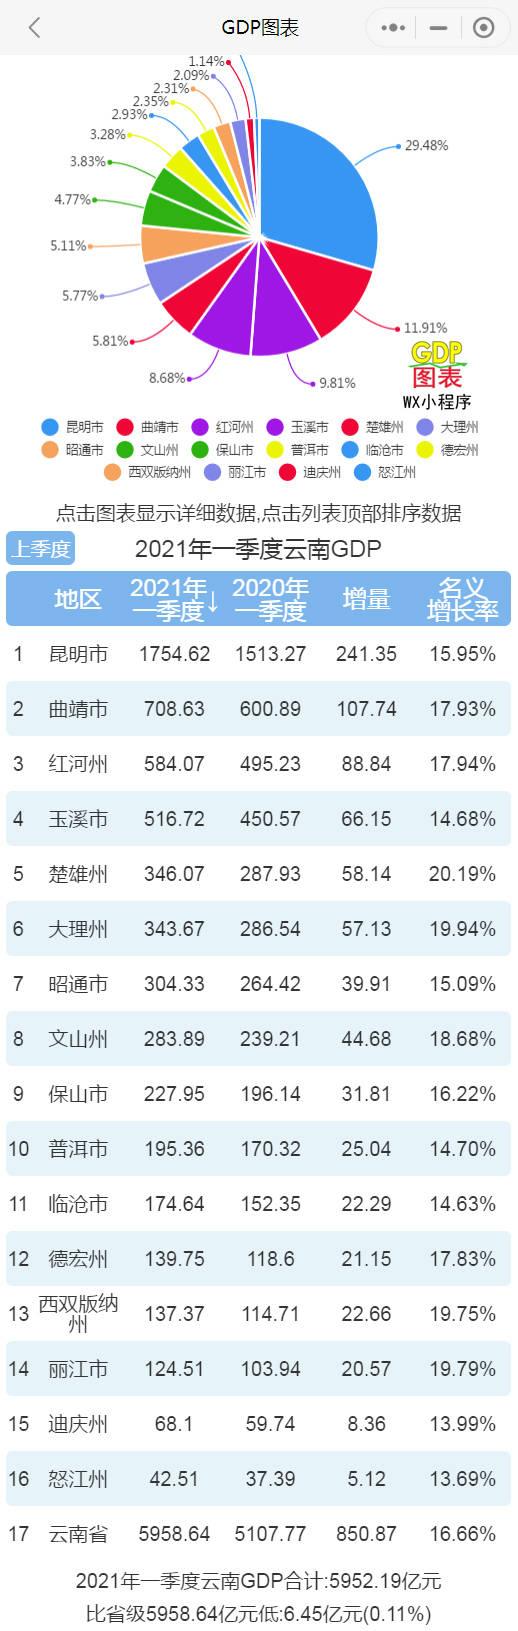 """云南的gdp排名_十年GDP对比,西南""""穷省""""云南是如何超越东北""""老大哥""""辽宁的"""